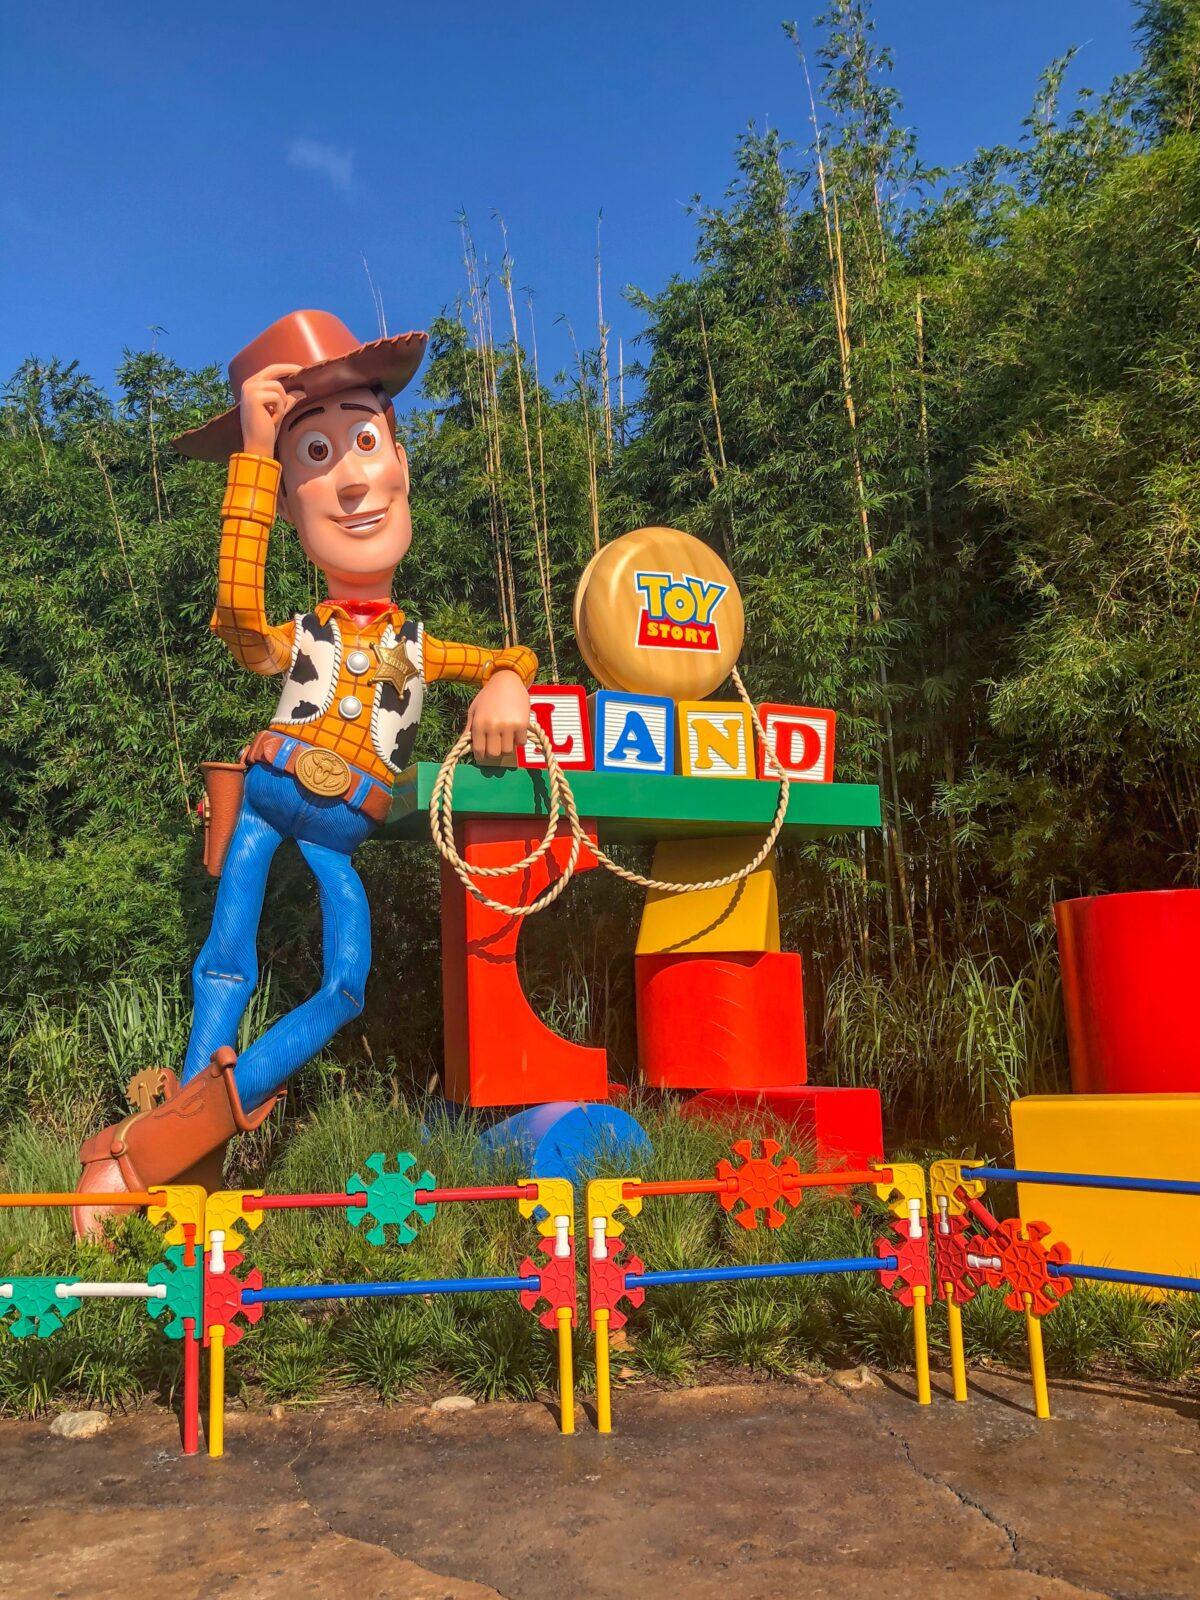 toy story land, walt disney world, hollywood studios, walt disney world in one day